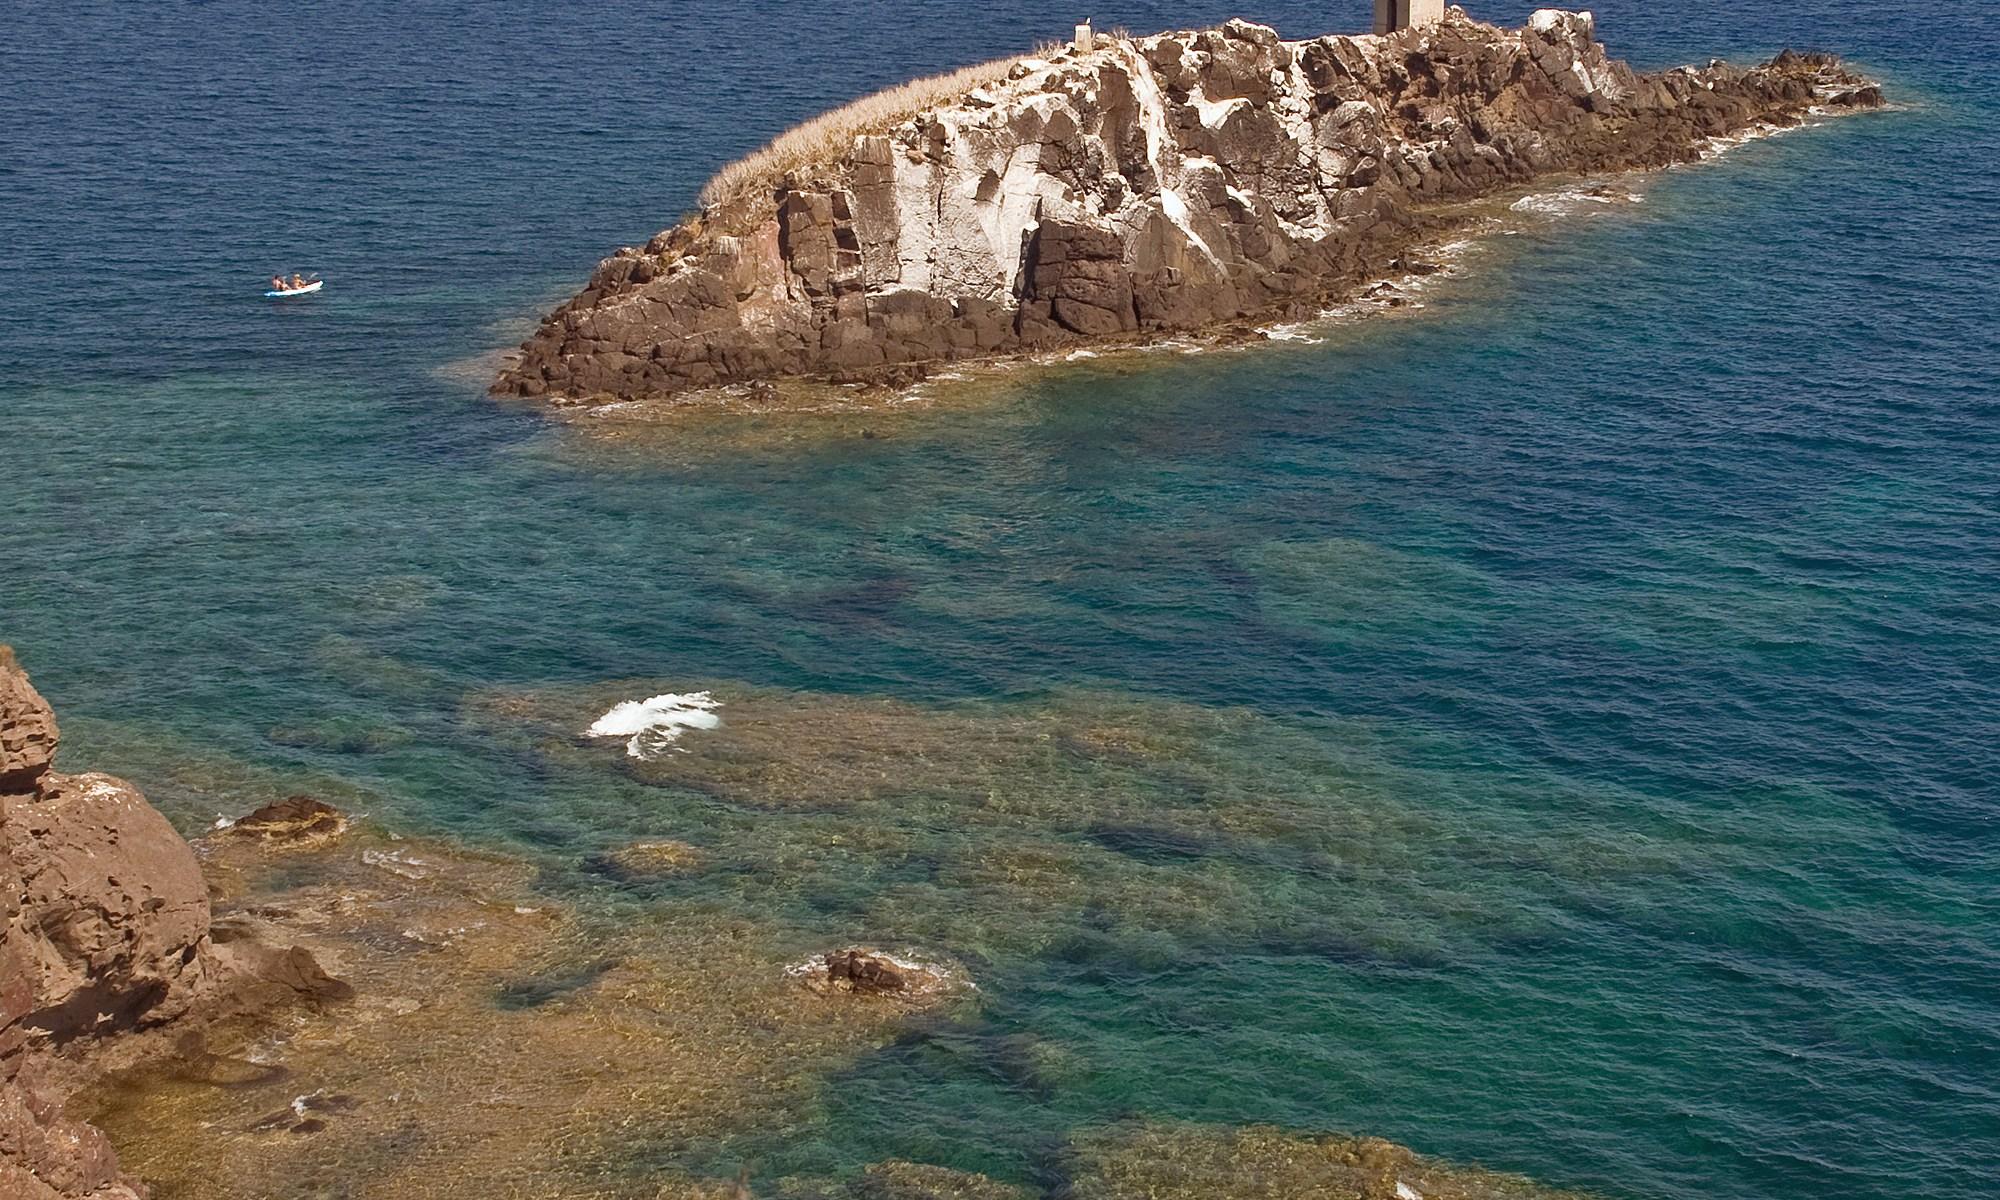 Rocky outcrop at Nora, Sardinia